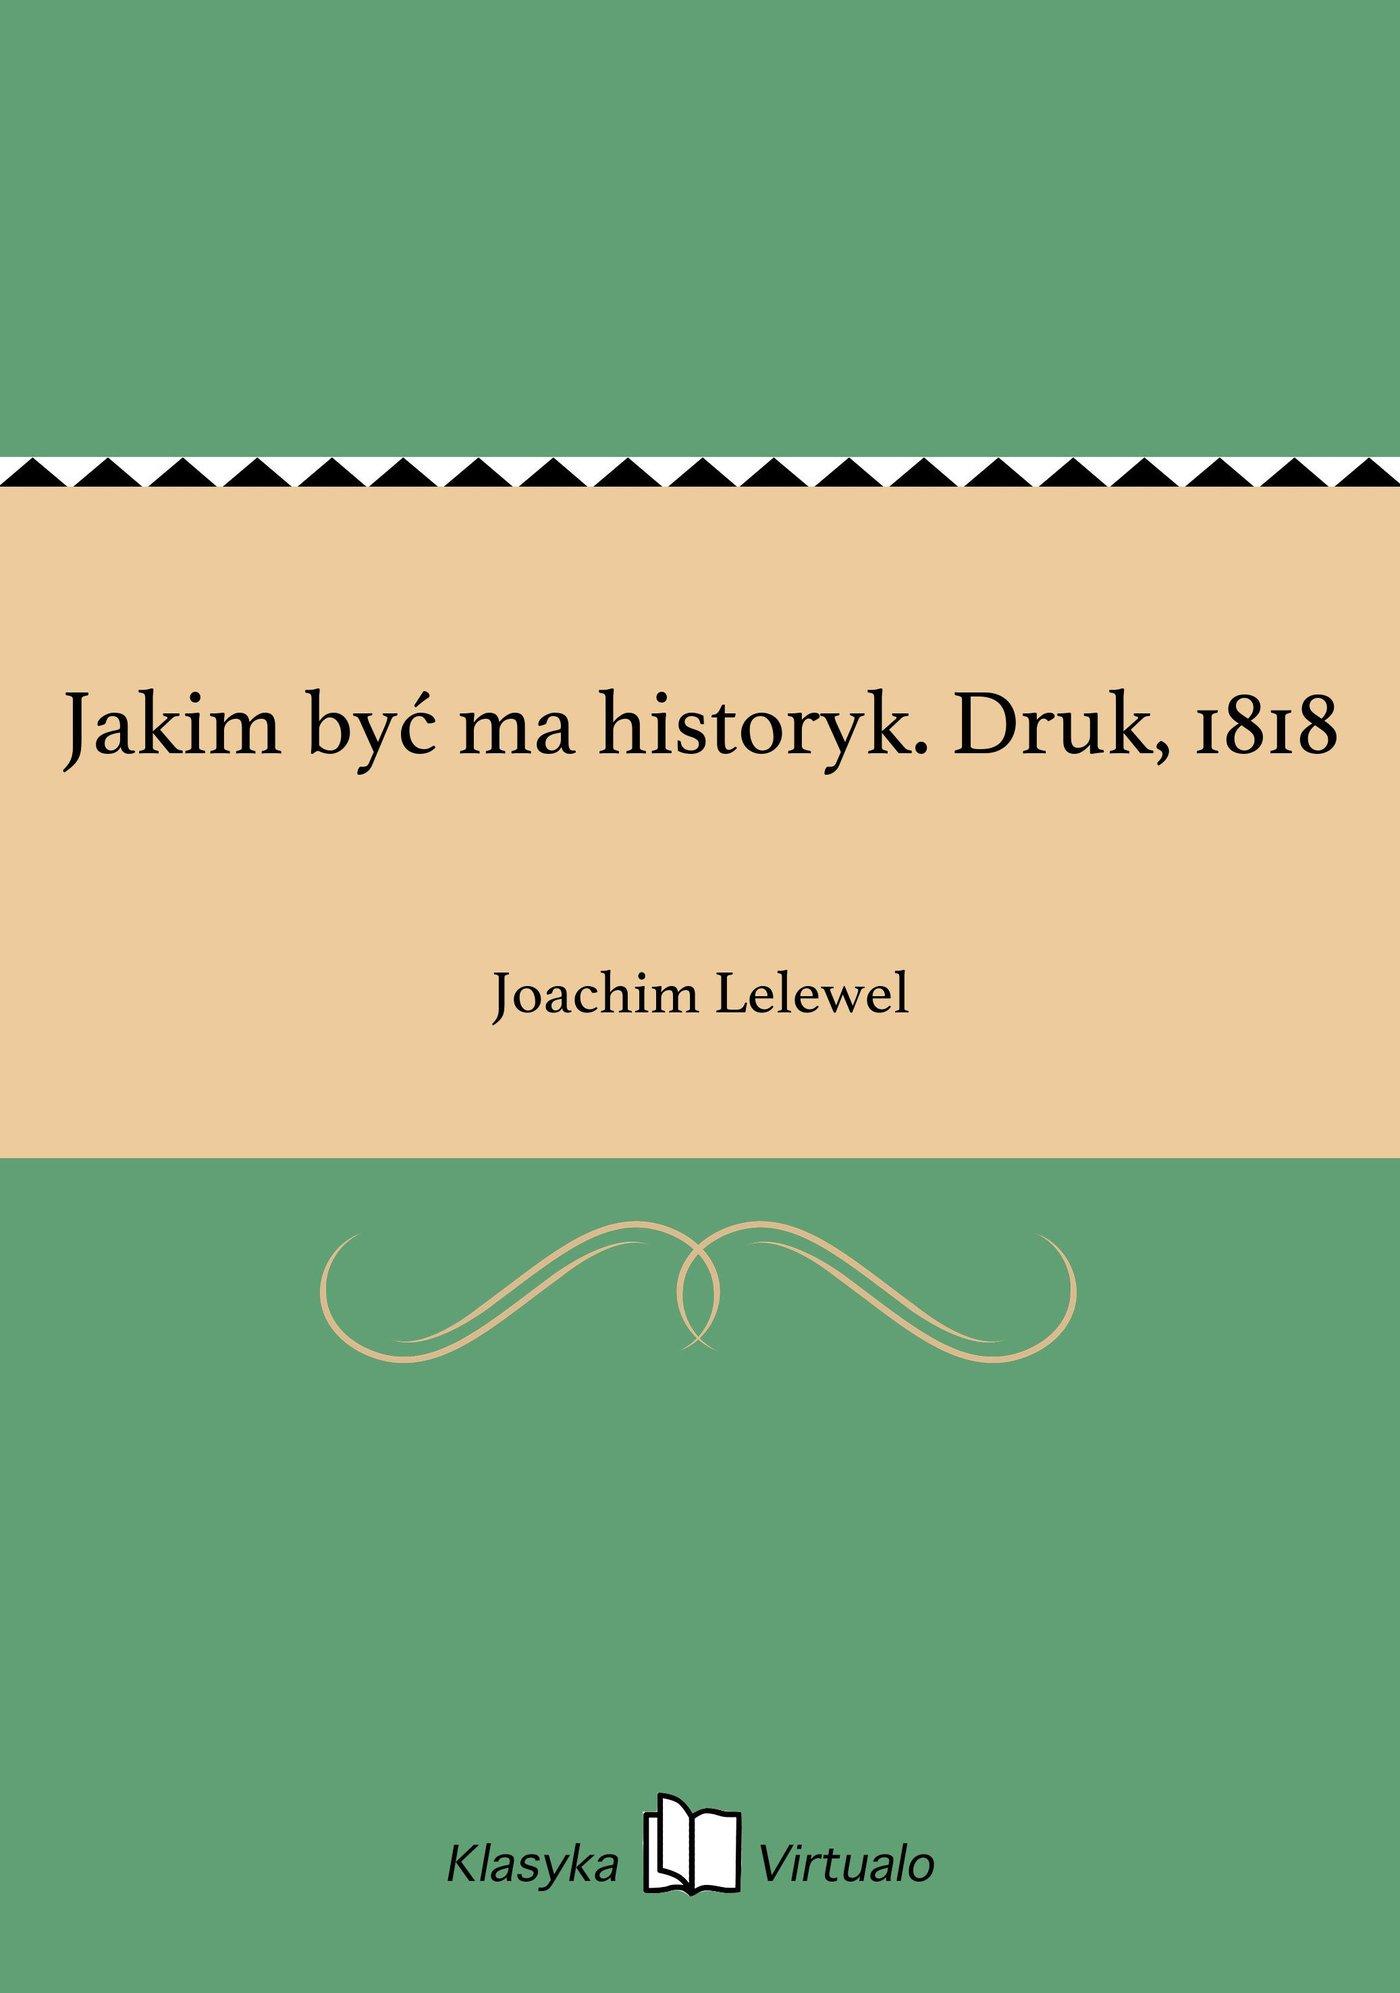 Jakim być ma historyk. Druk, 1818 - Ebook (Książka EPUB) do pobrania w formacie EPUB